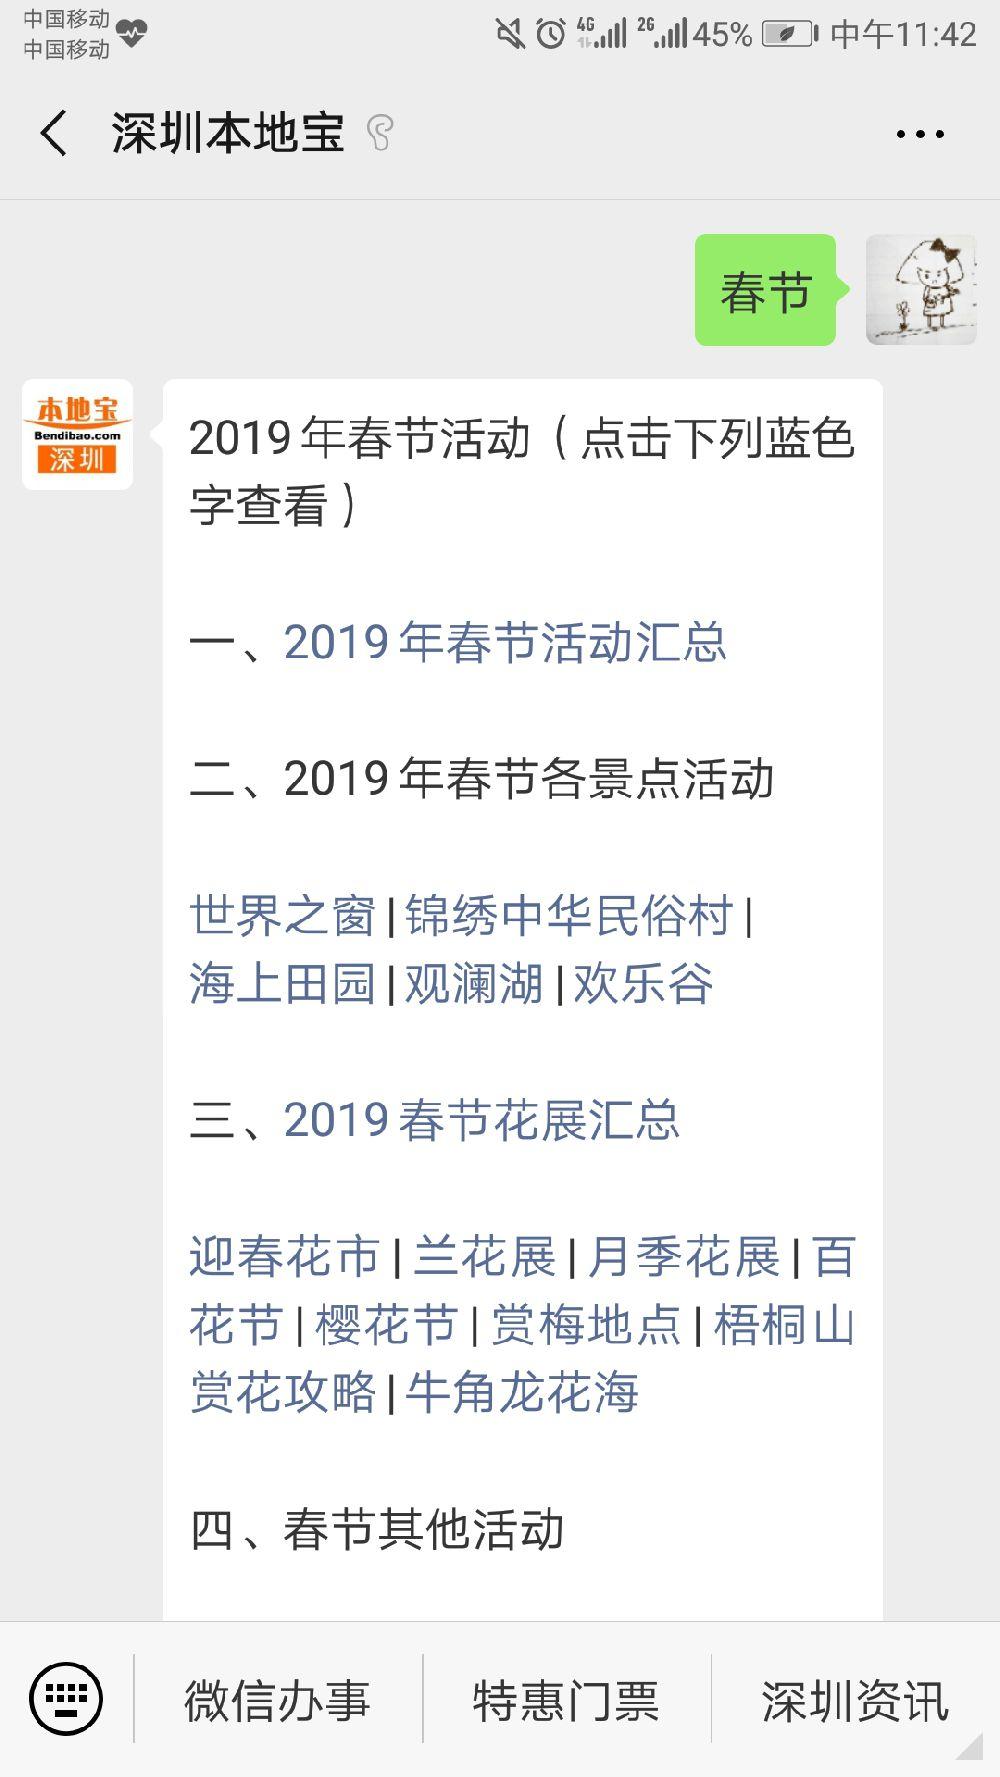 2019南山博物馆春节不放假 还举办春节活动